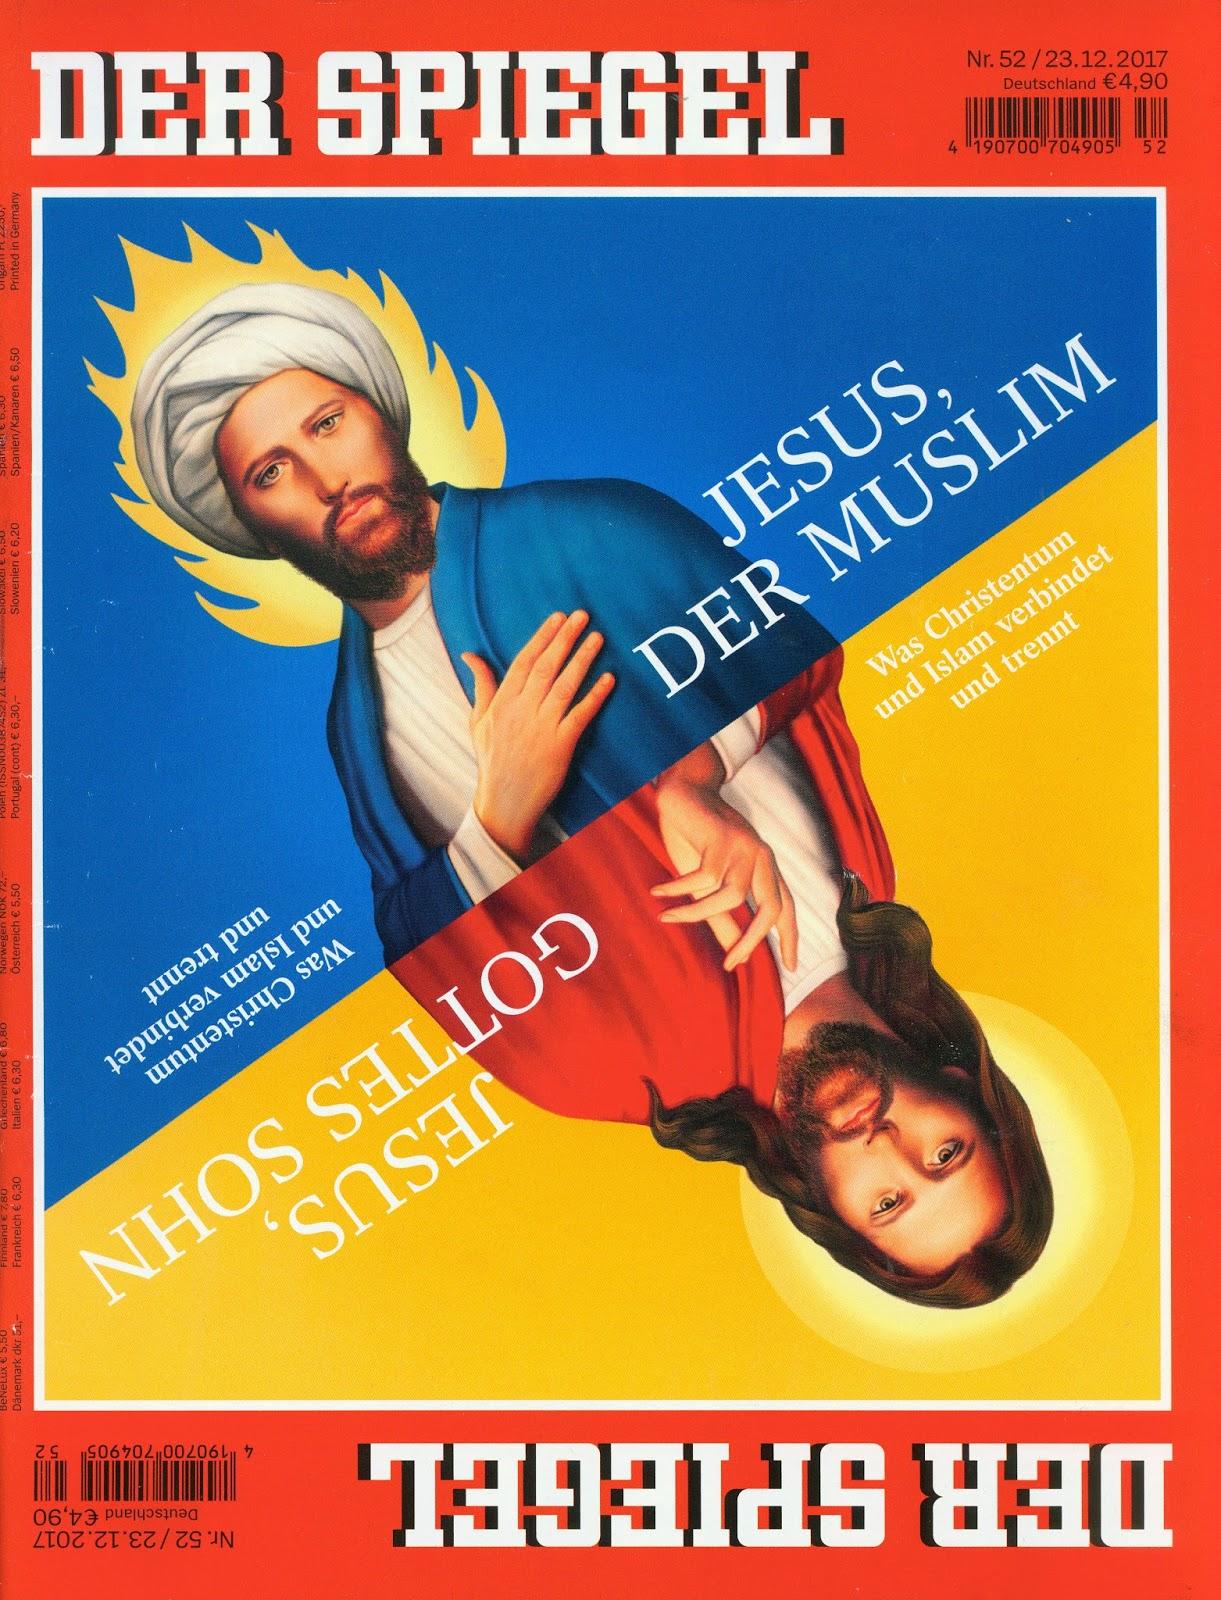 Red baron 39 s blog december 2017 for Spiegel jesus